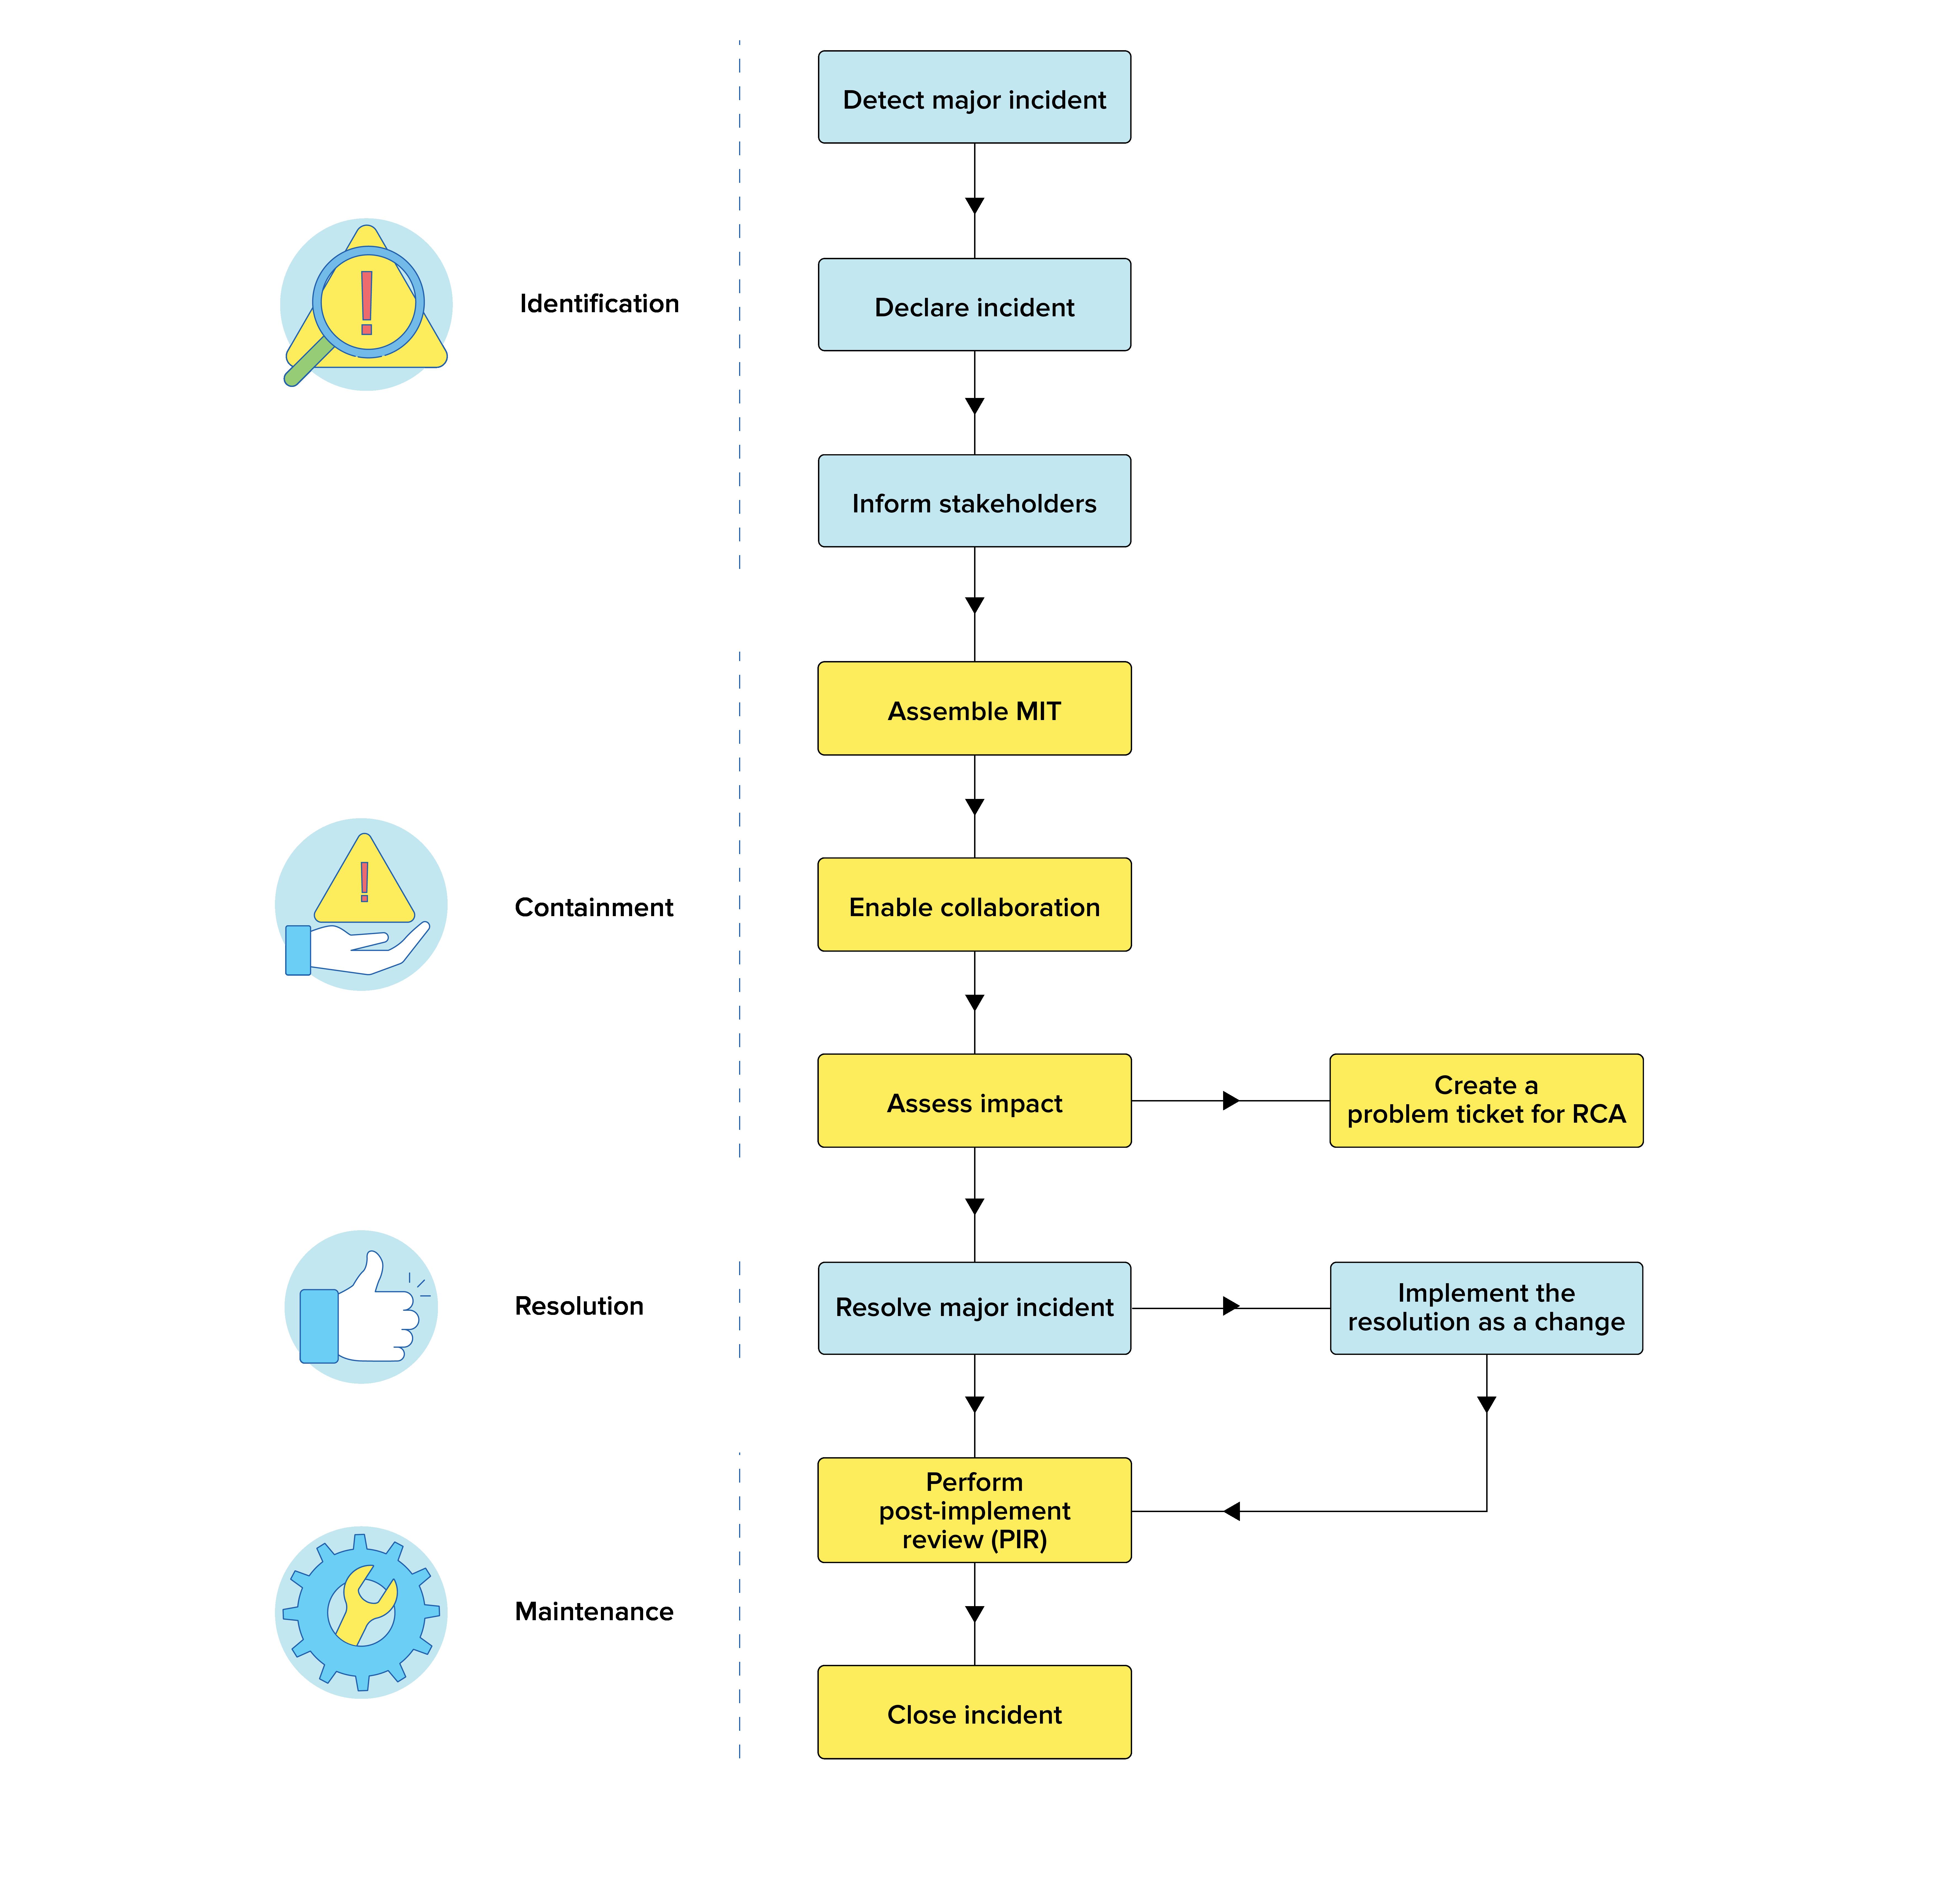 ITIL-flödesschema för processer för hantering av allvarliga incidenter